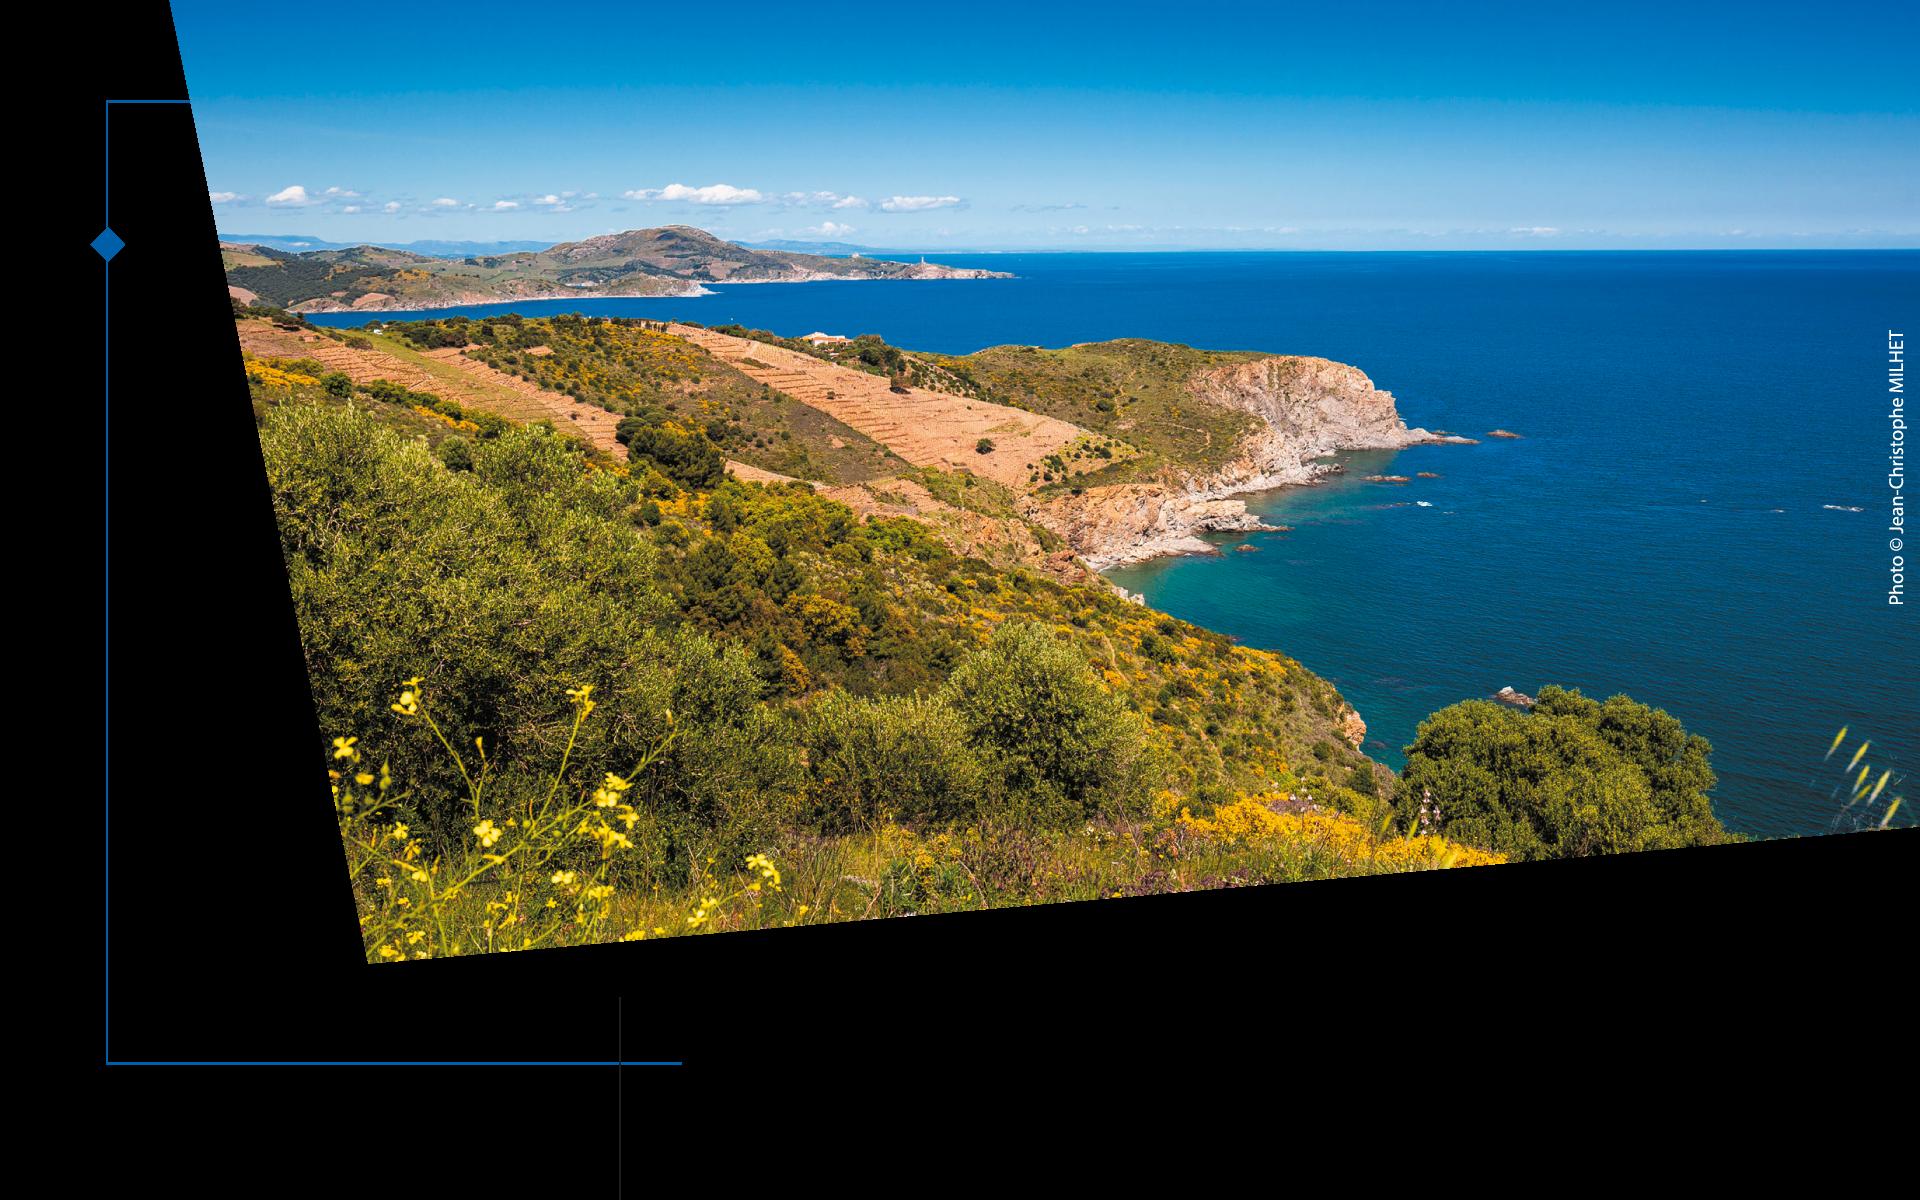 cote catalane euro-sejours, tourisme, guide touristique, pyrénées-orientales, roussillon, perpignan, visite, vacances, sud de la france, catalogne, mer, méditerranée, montagne, voyages, loisirs, ski, promenades, hébergement, hotels, restaurants